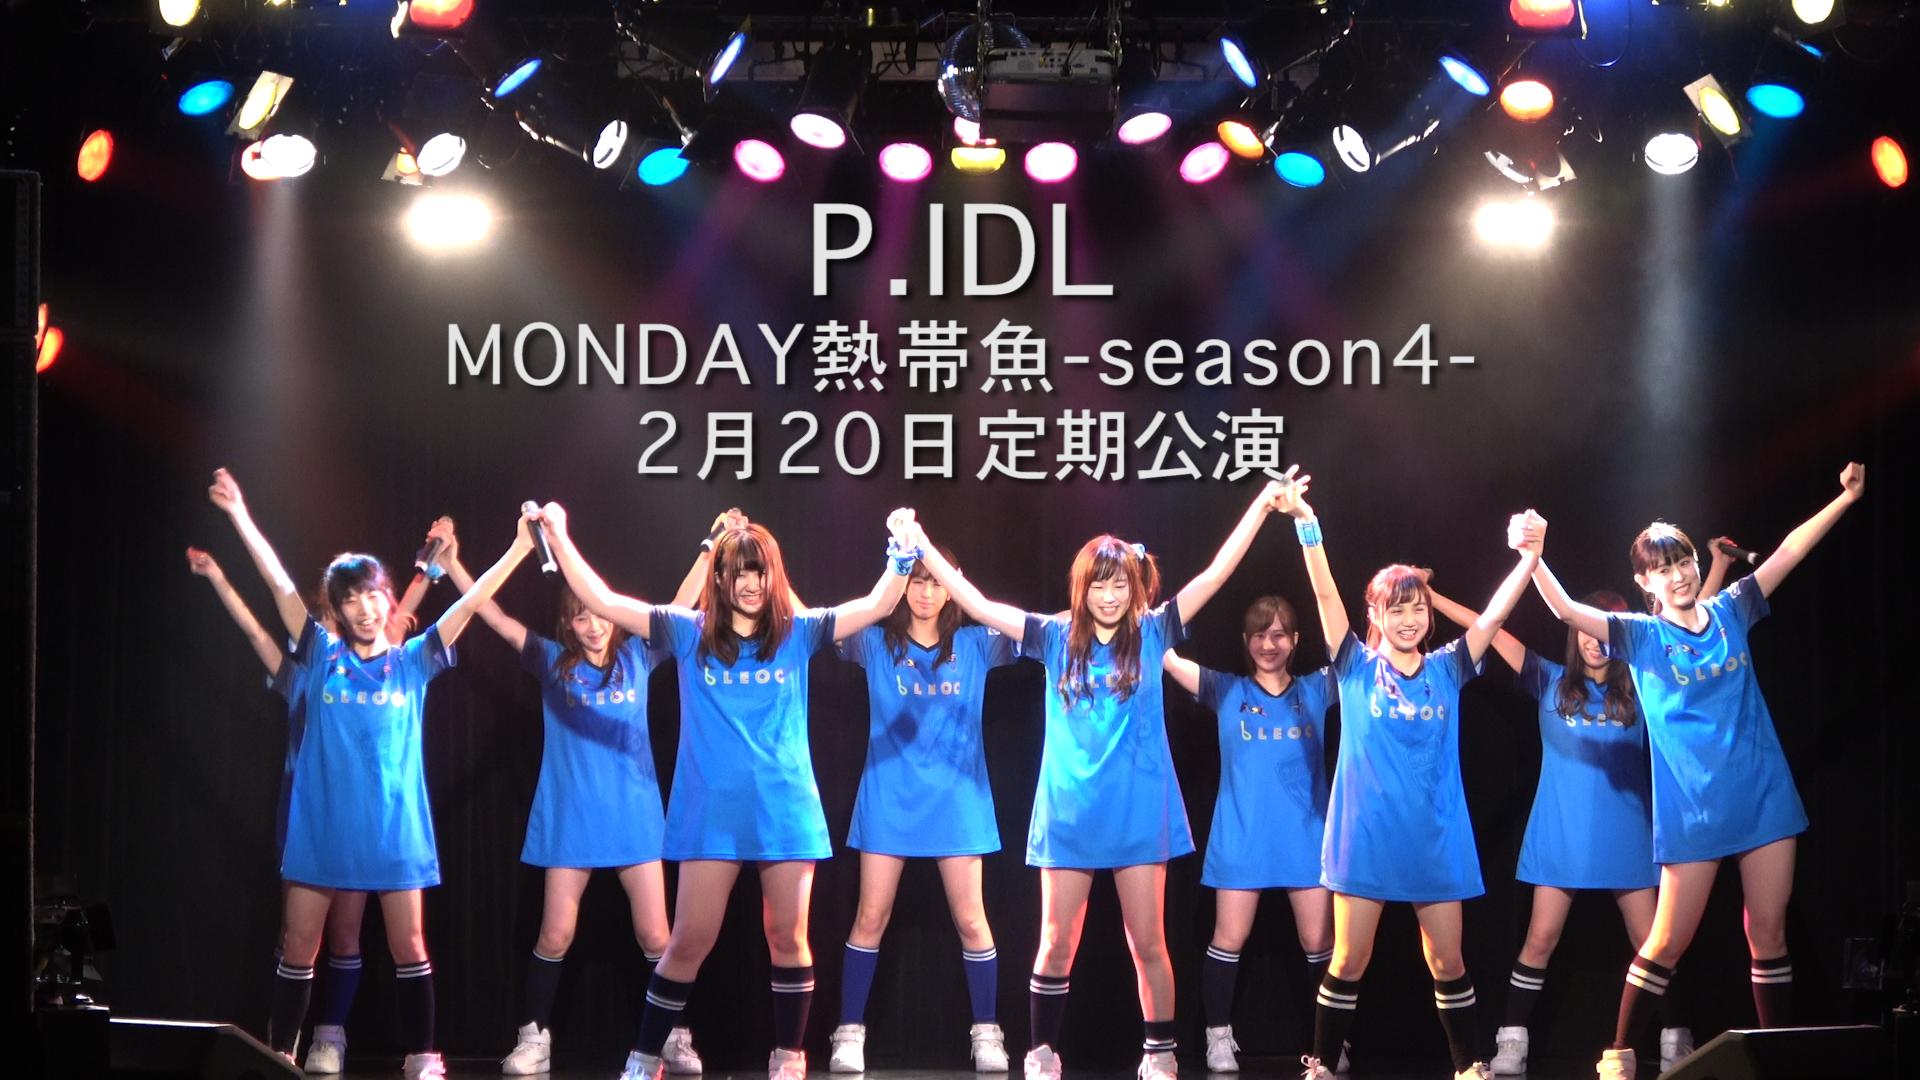 """2月20日P.IDL定期公演""""MONDAY熱帯魚-season4-"""""""